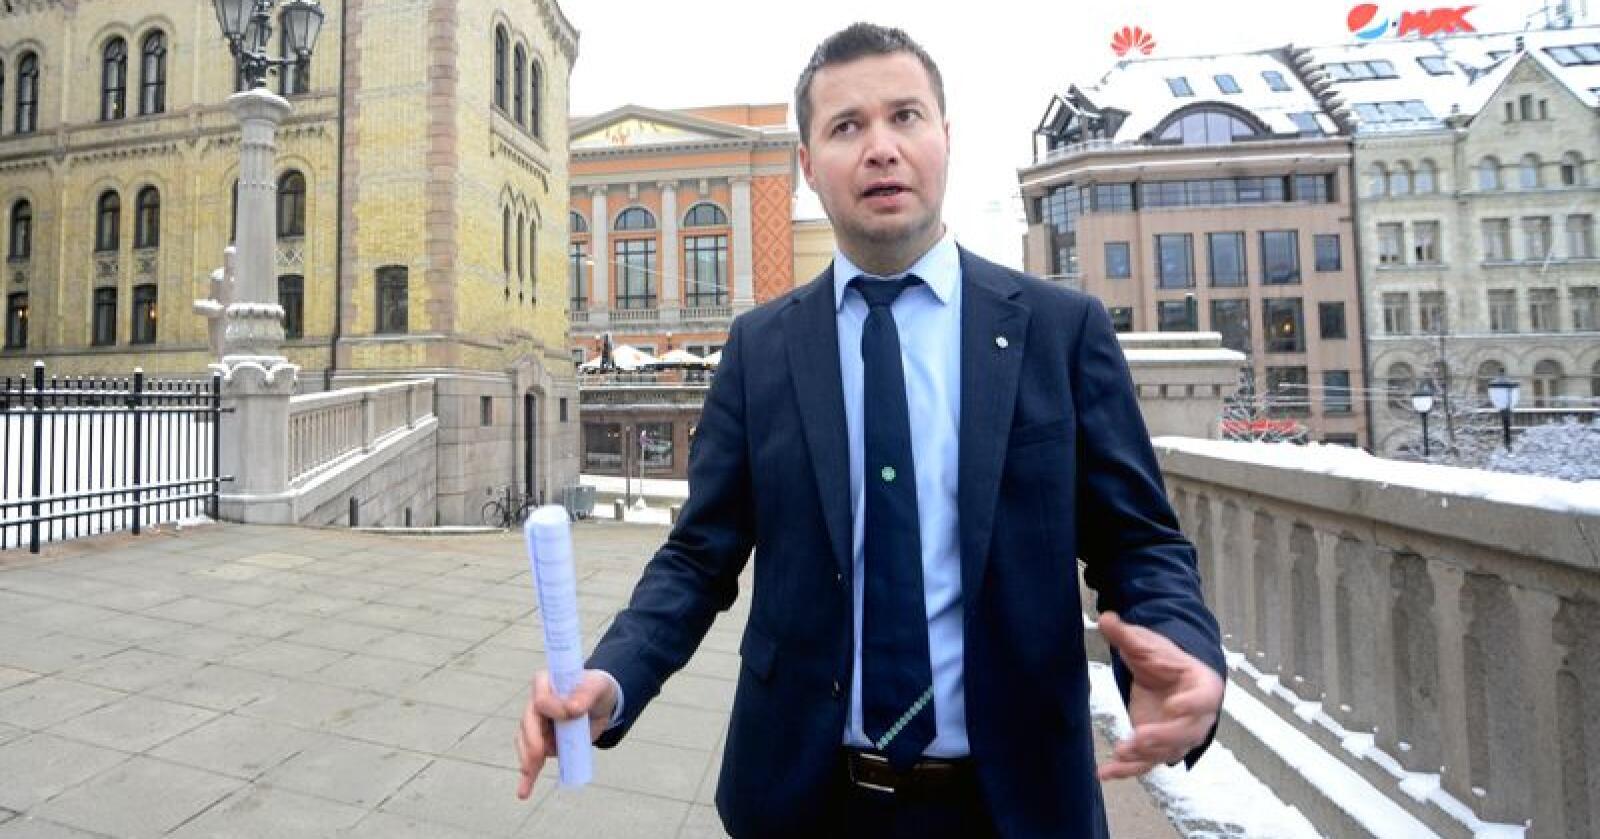 Geir Pollestad (Sp) mener Bollestads nye jordvernstrategi ikke går langt nok i stoppe svinn av matjord. 660.000 dekar med matjord er nedbygd de siste 70 årene. Foto: Siri Juell Rasmussen